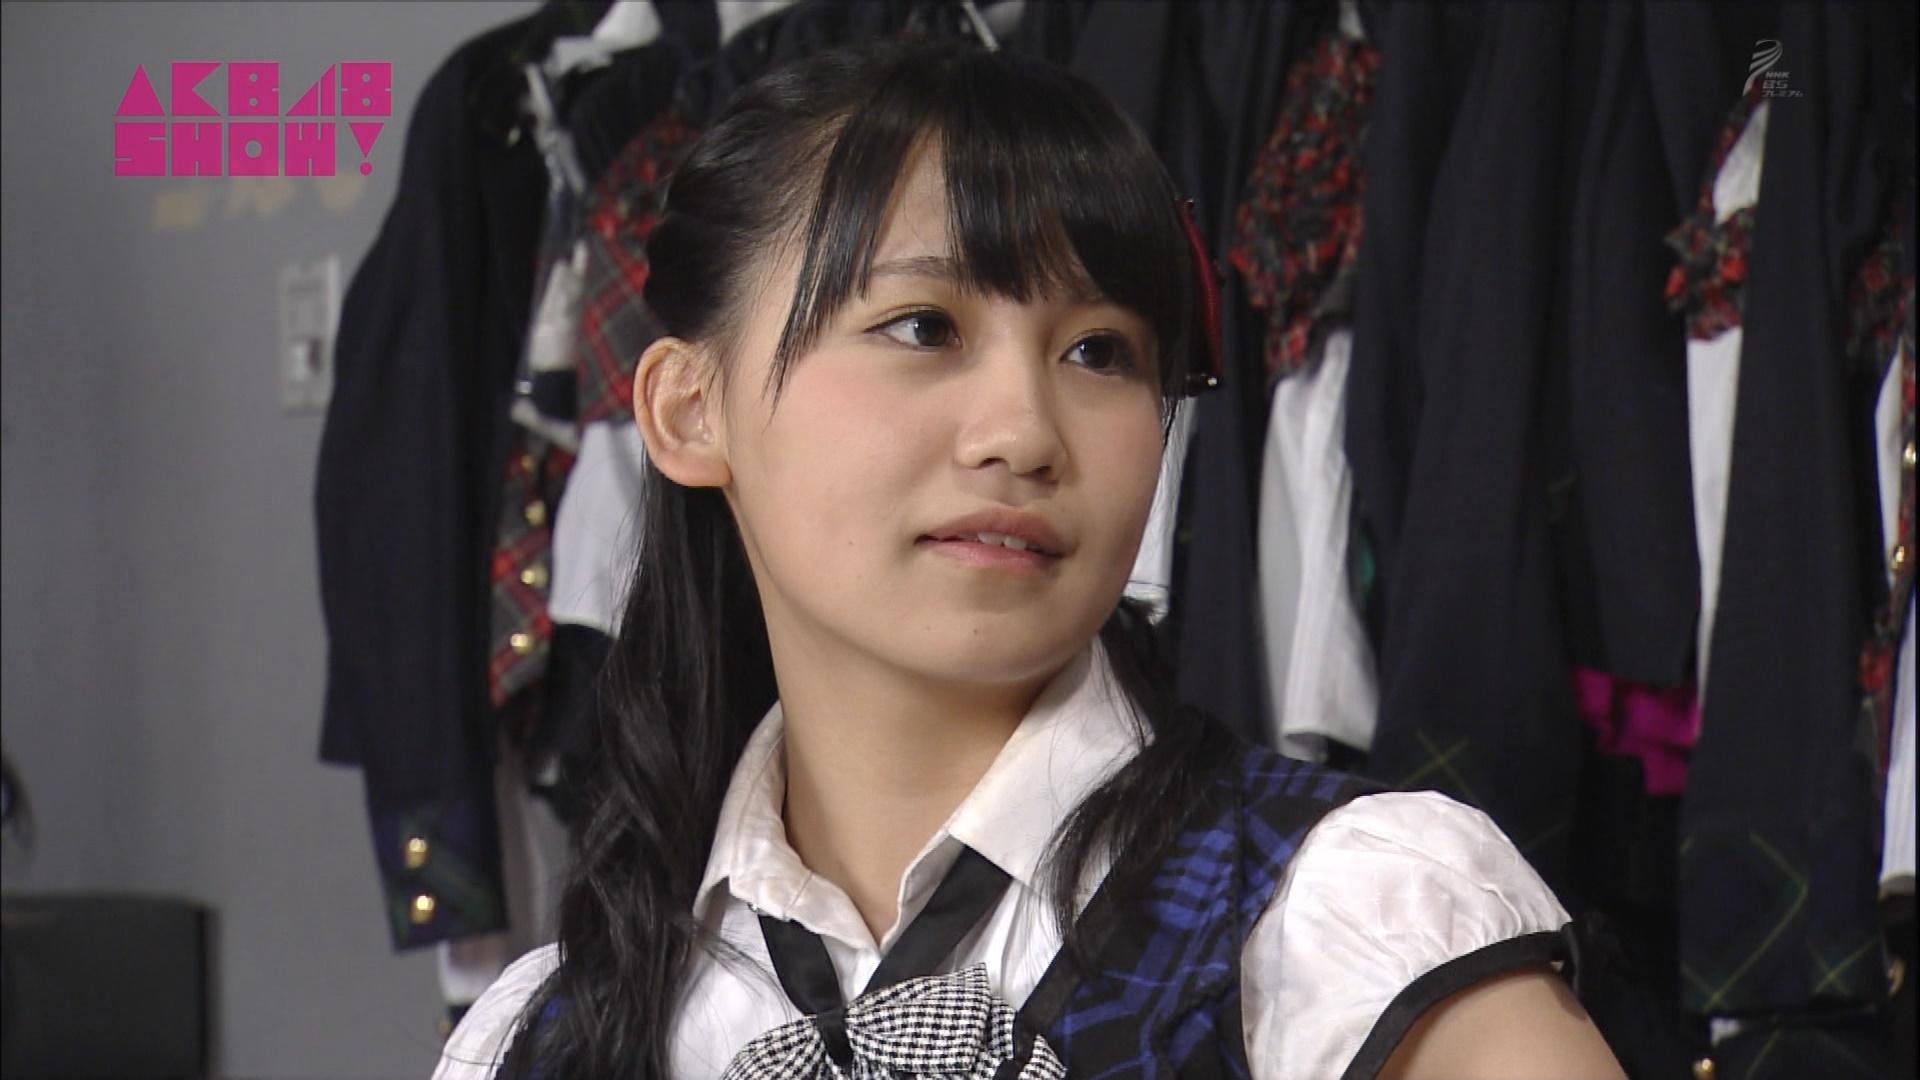 小嶋真子 彼女になれますか AKB48SHOW! 20140906 (12)